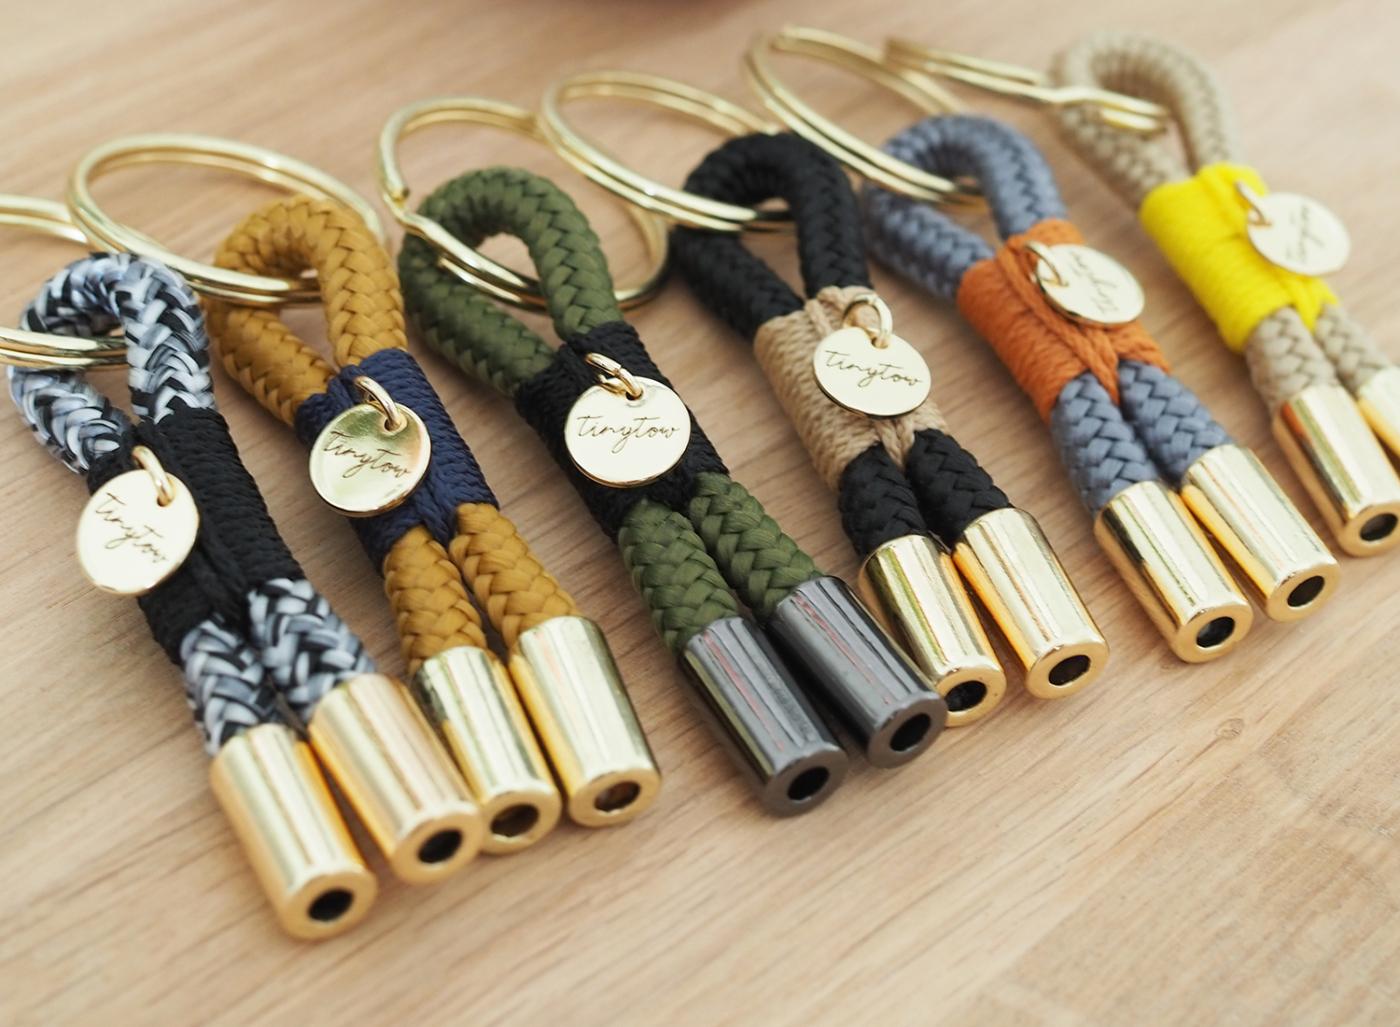 Schlüsselanhänger aus Tau in farbenfrohen Kombinationen mit goldenen Details